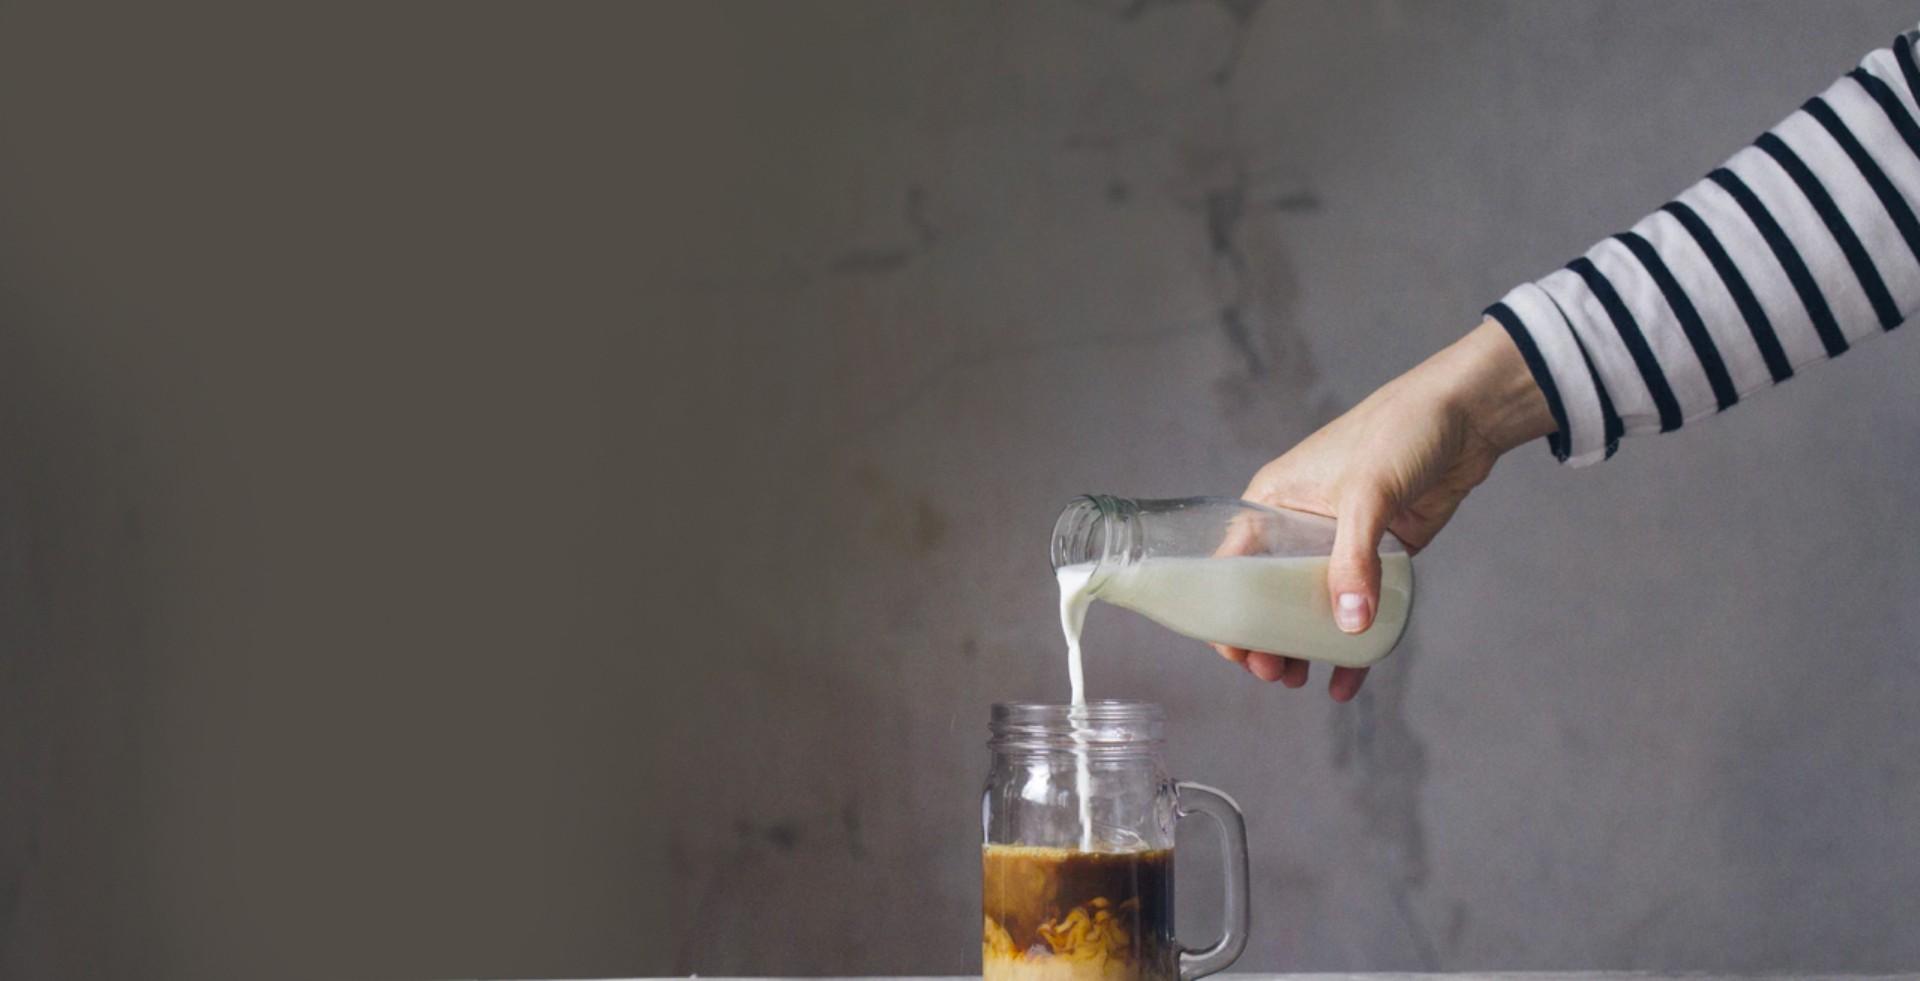 Pelayan yang menuangkan susu ke dalam gelas kopi espresso di suatu kafe modern dan minimalis di Jakarta Selatan